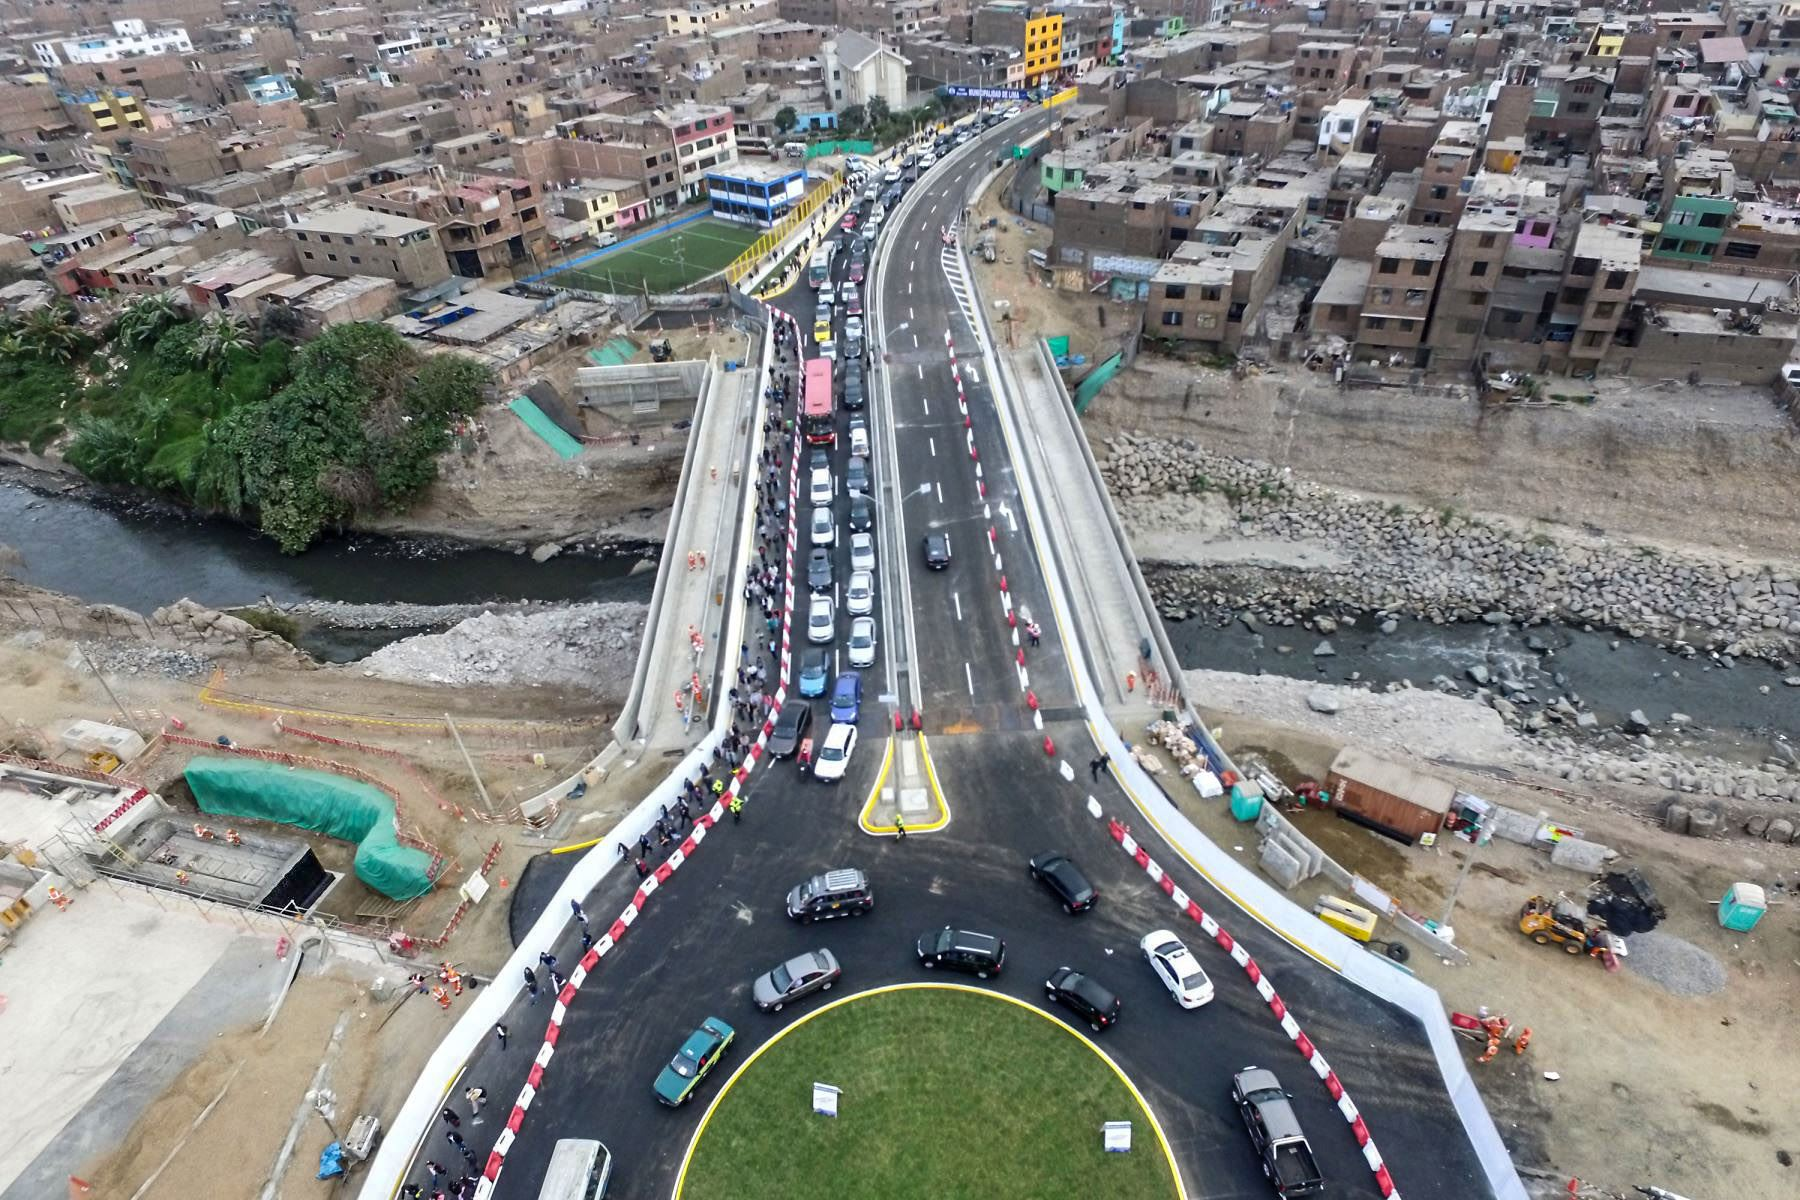 LIMA,PERÚI-JULIO 17. Esta mañana se abrió al tránsito vehicular el puente Bella Unión, que cruza el río Rímac a través de la avenida Universitaria y que permitirá aligerar la circulación de unidades entre el Centro de Lima y los distritos de Lima norte. Foto: ANDINA/Vidal Tarqui